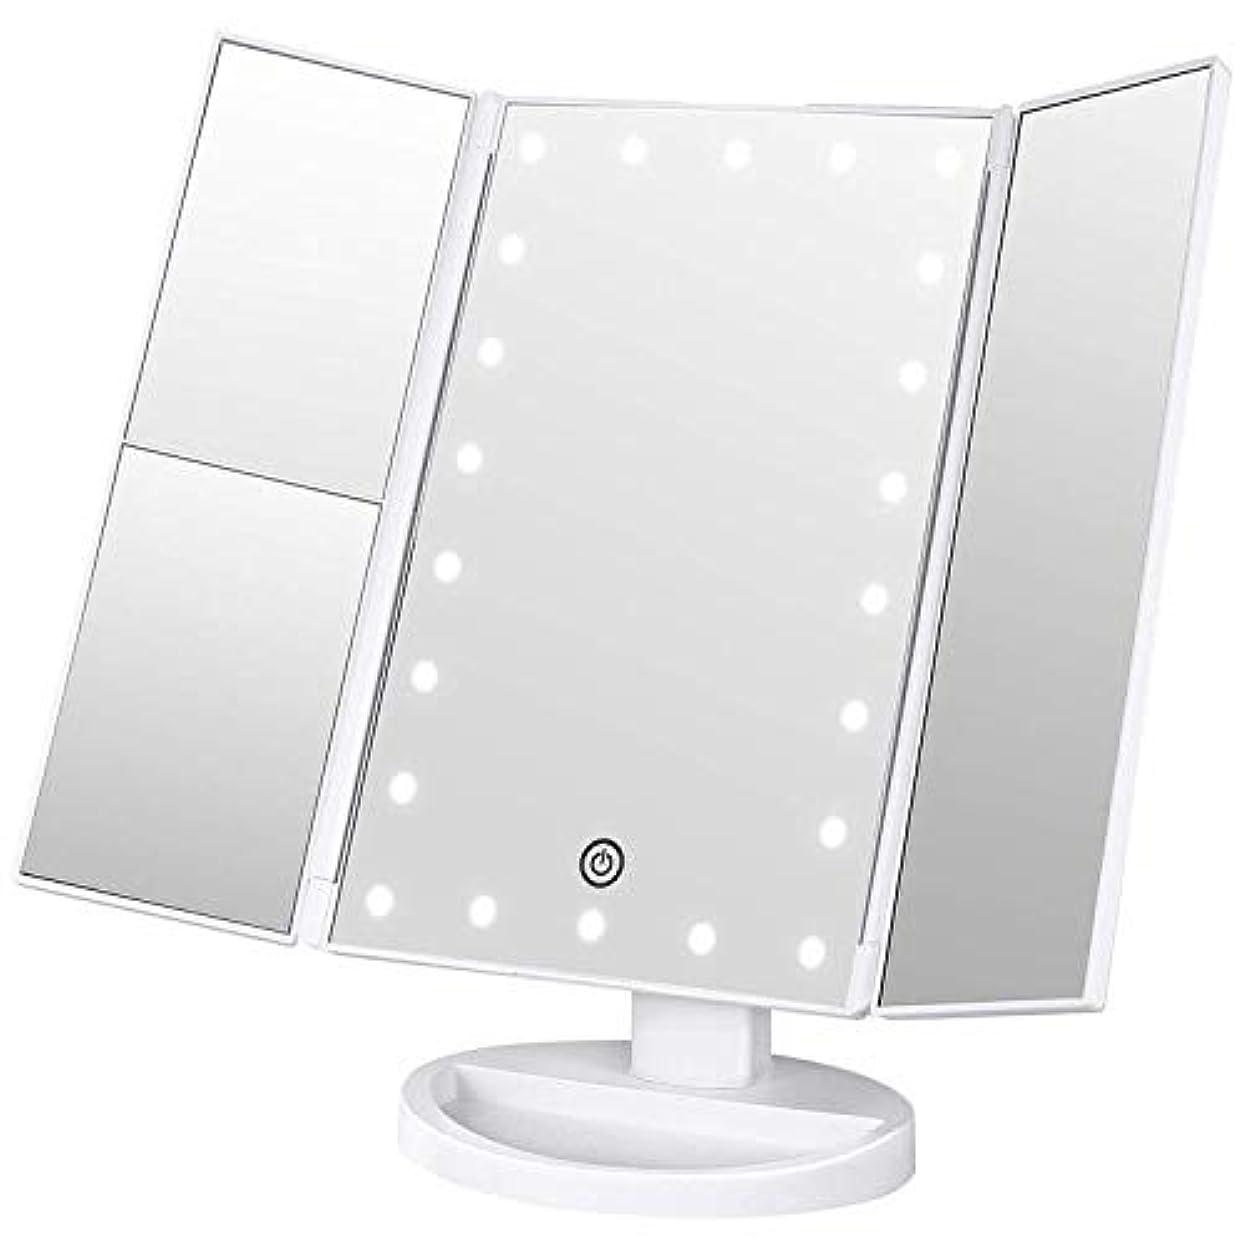 アパルアセンブリ添加soafiya 化粧鏡 化粧ミラー 鏡 三面鏡 女優ミラー 卓上 led付き 折りたたみ 拡大鏡 2&3倍 明るさ調節可能 180°